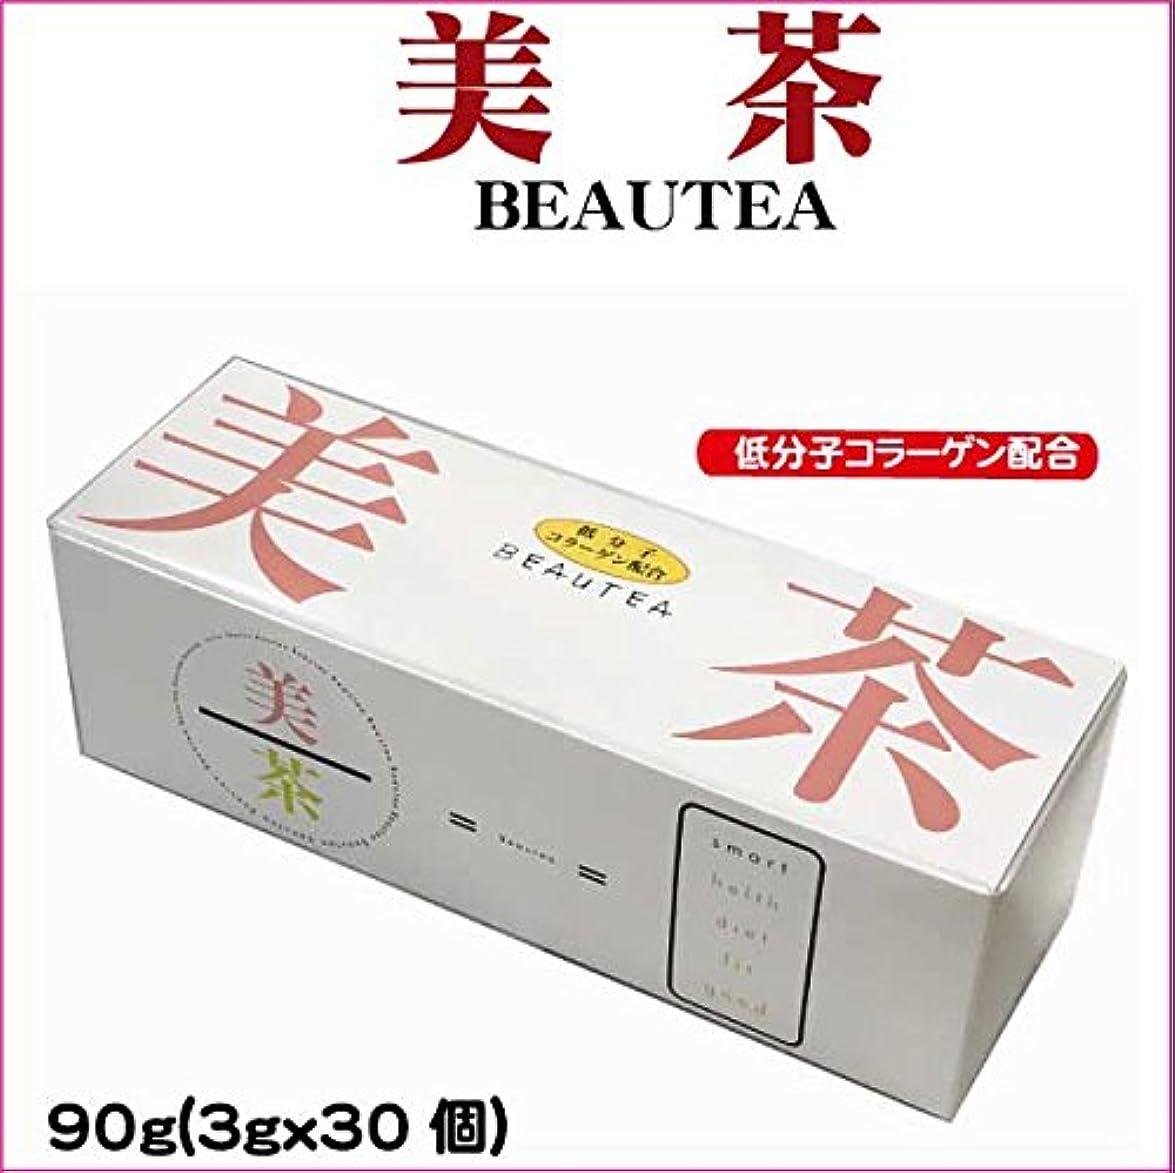 震え天使粘液ダイエット茶  美茶(beautea)  ほうじ茶ベース?3gX30包み 1箱